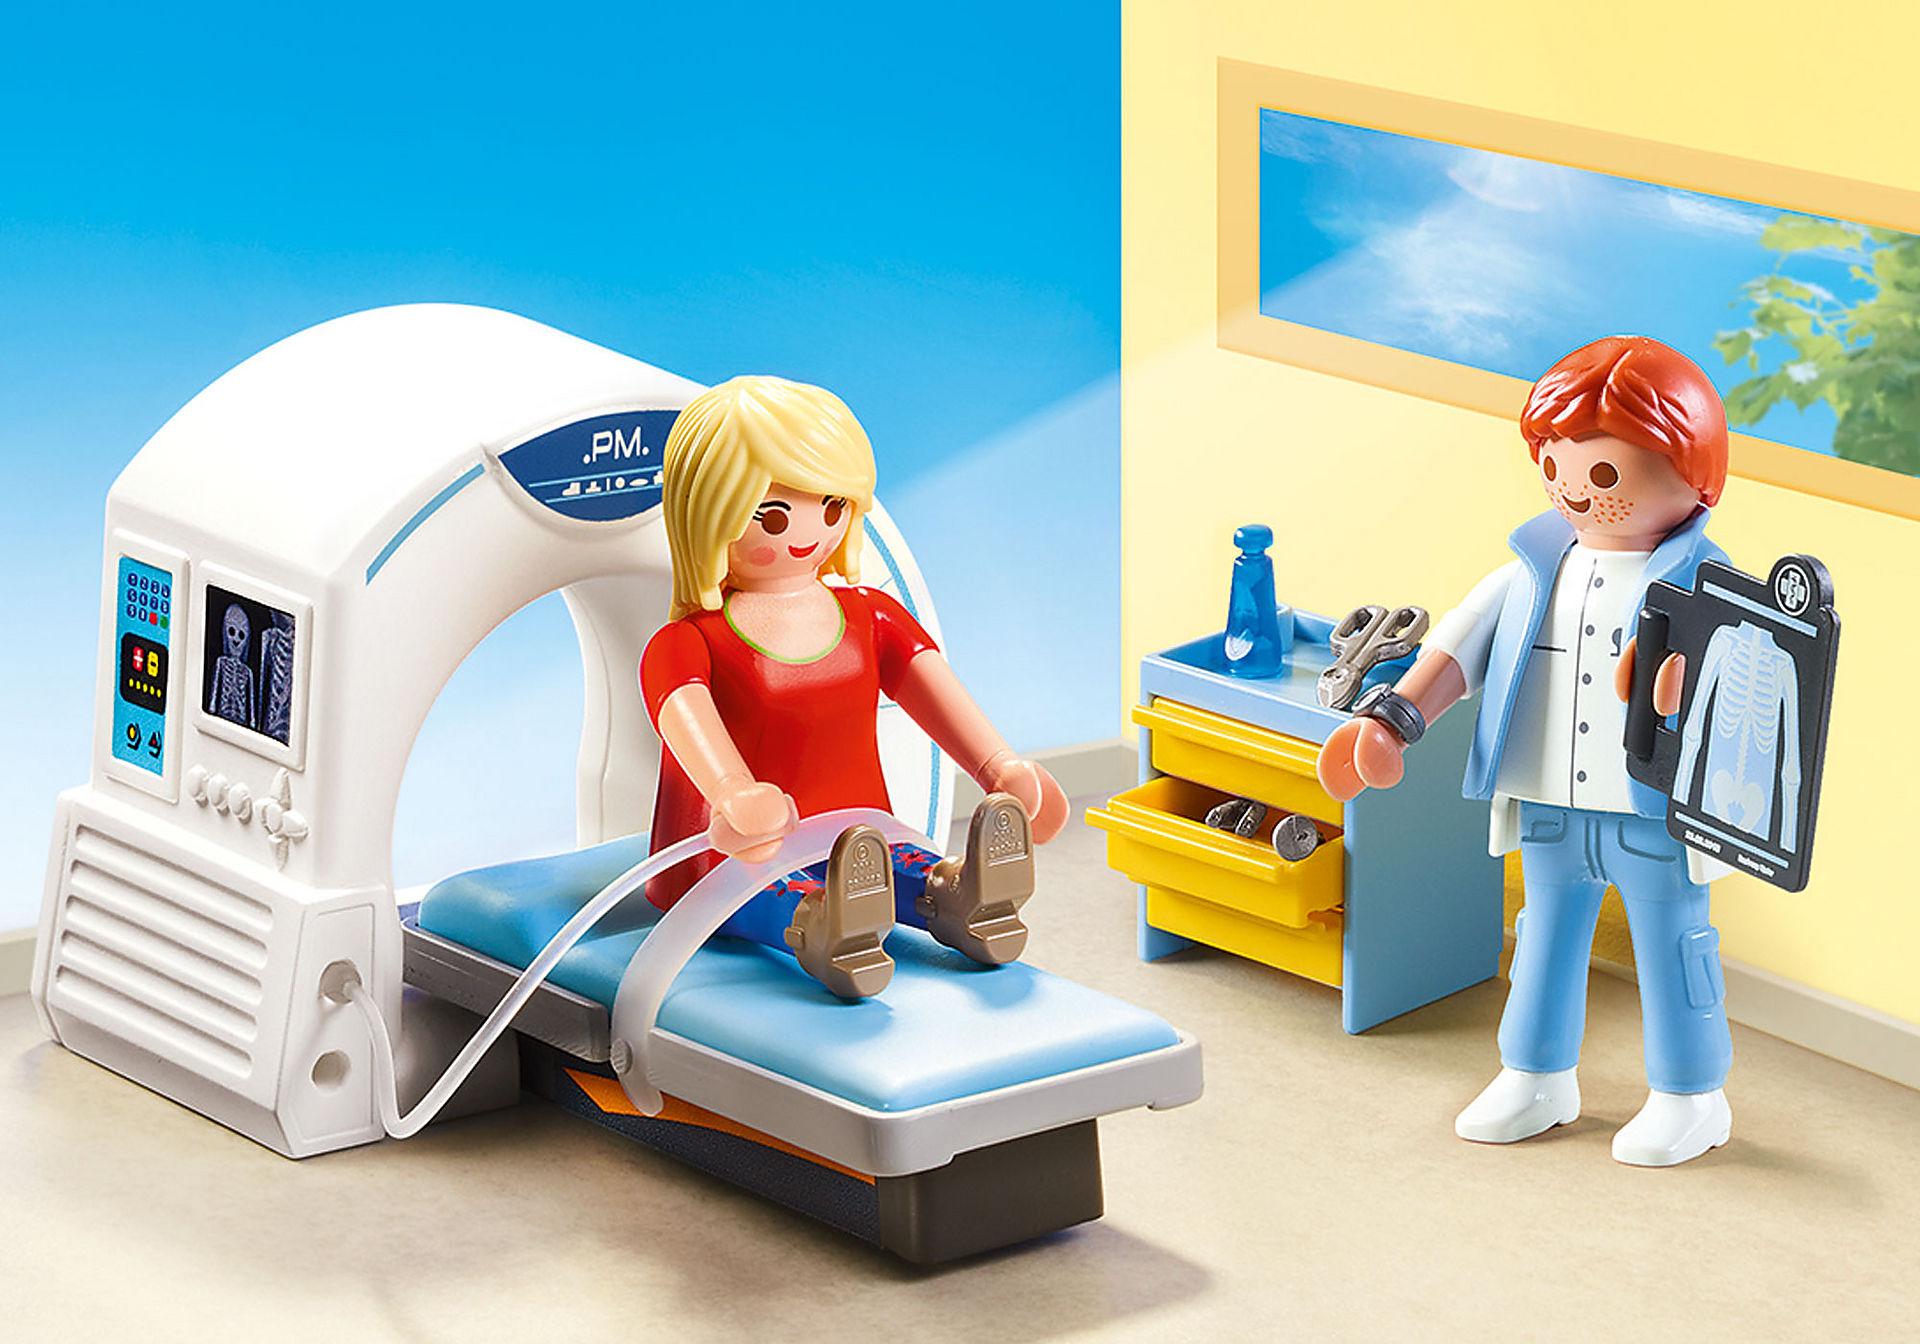 70196 Salle de radiologie  zoom image1